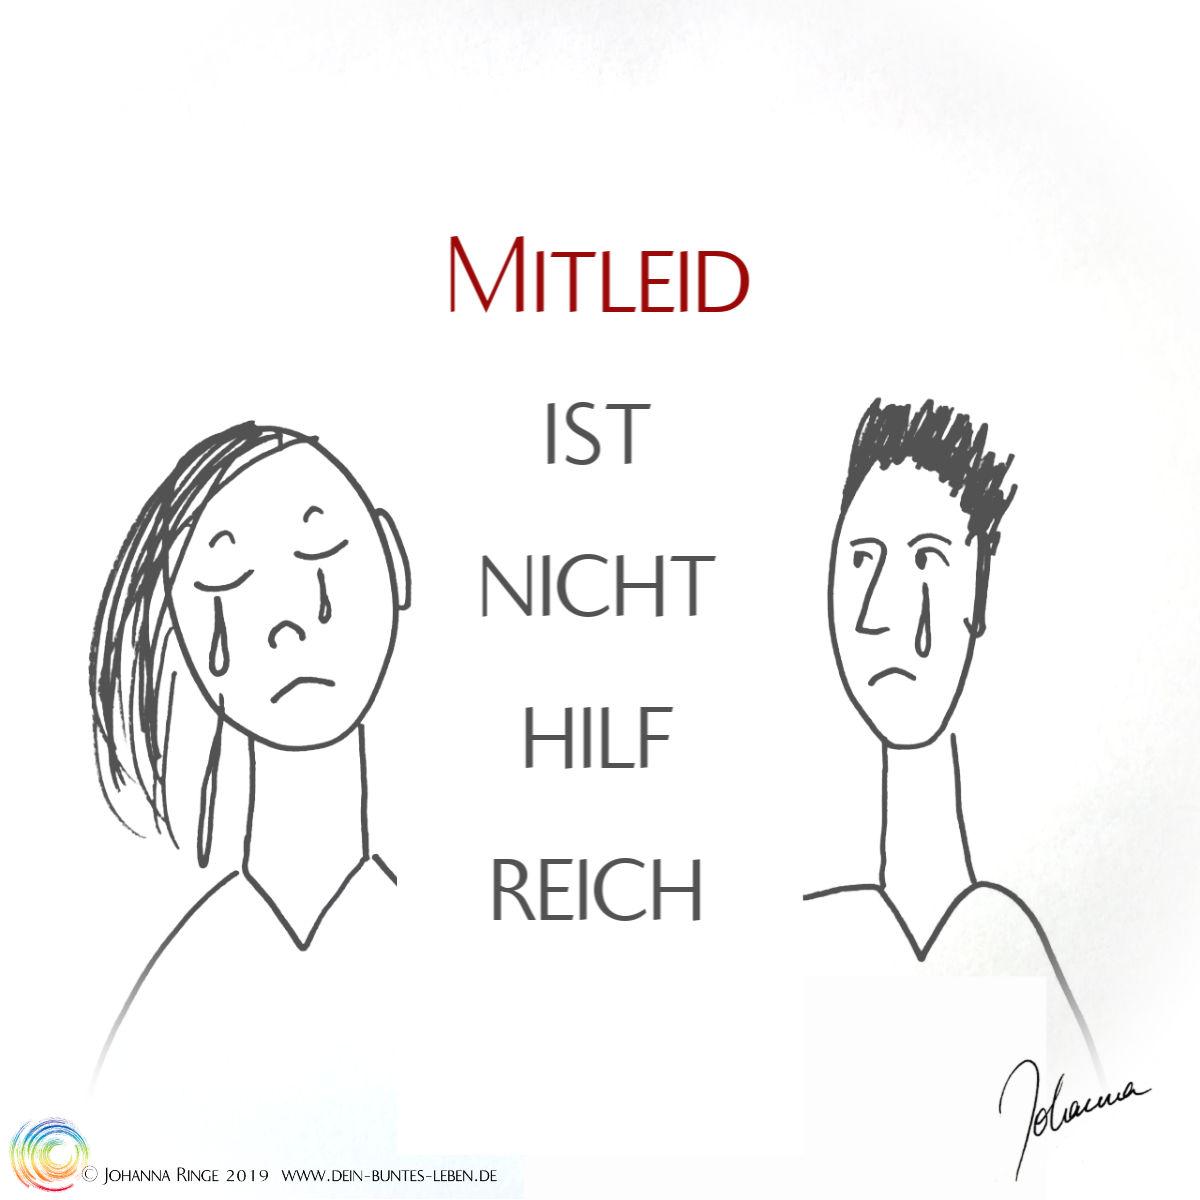 Mitleid ist nicht hilfreich. Text auf Zeichnung eines weinenden und eines mit leidenden Menschen. ©Johanna Ringe 2019 www.dein-buntes-leben.de